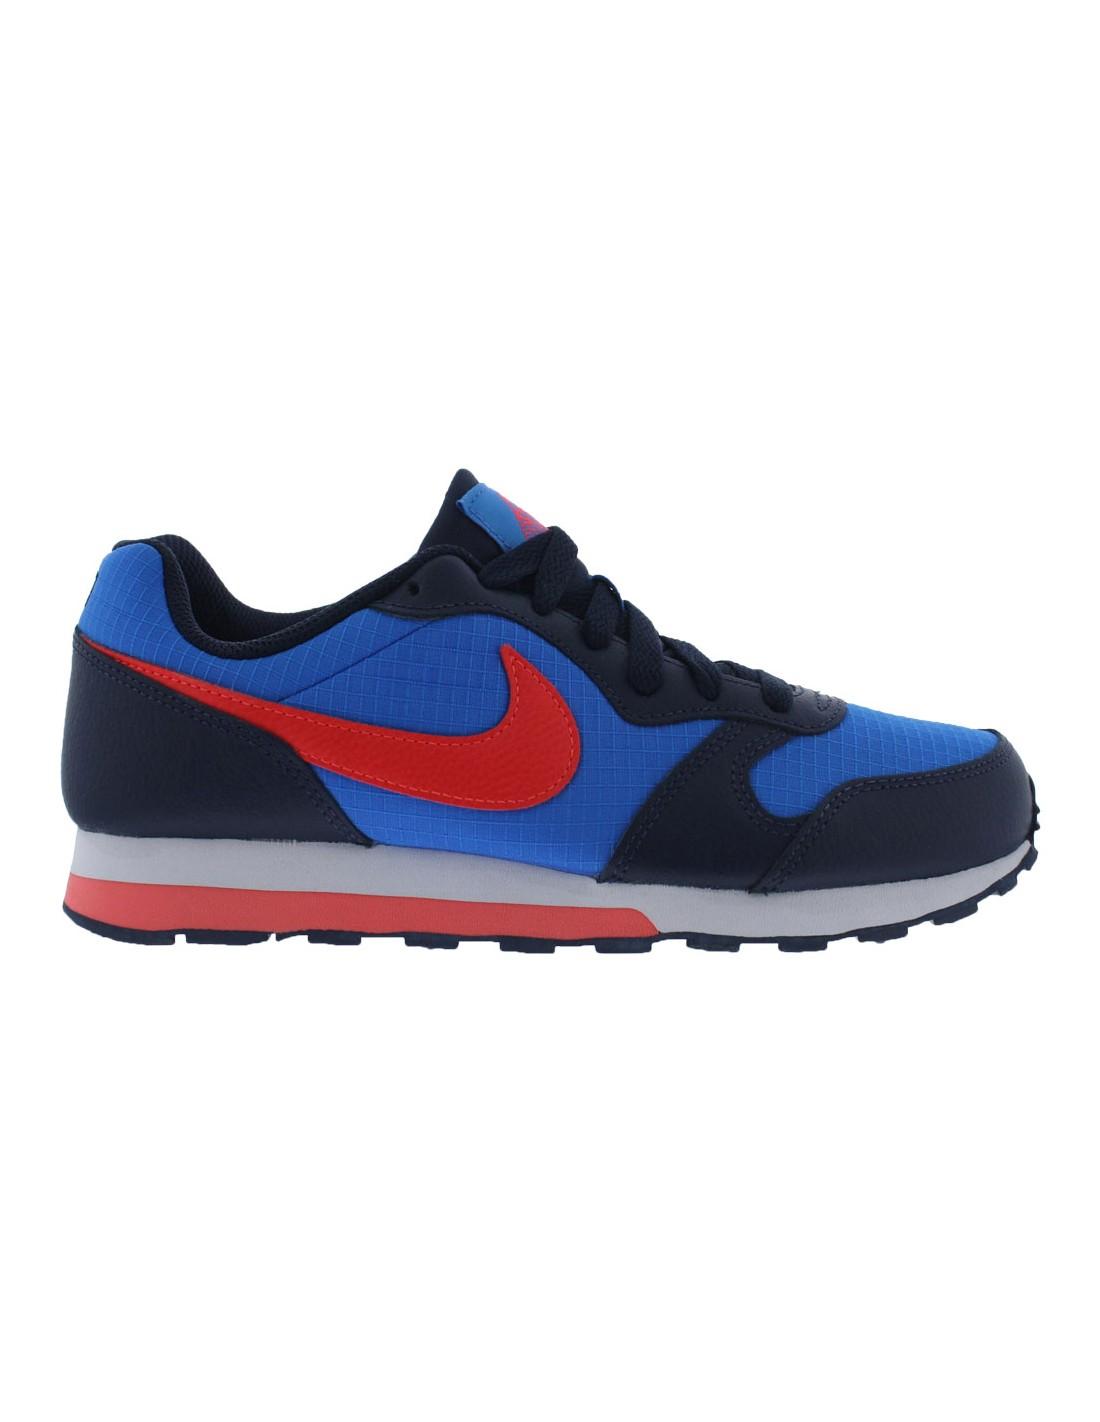 Blu Mid 2 Ragazzo Runner Nike Scarpe wk0n8OP